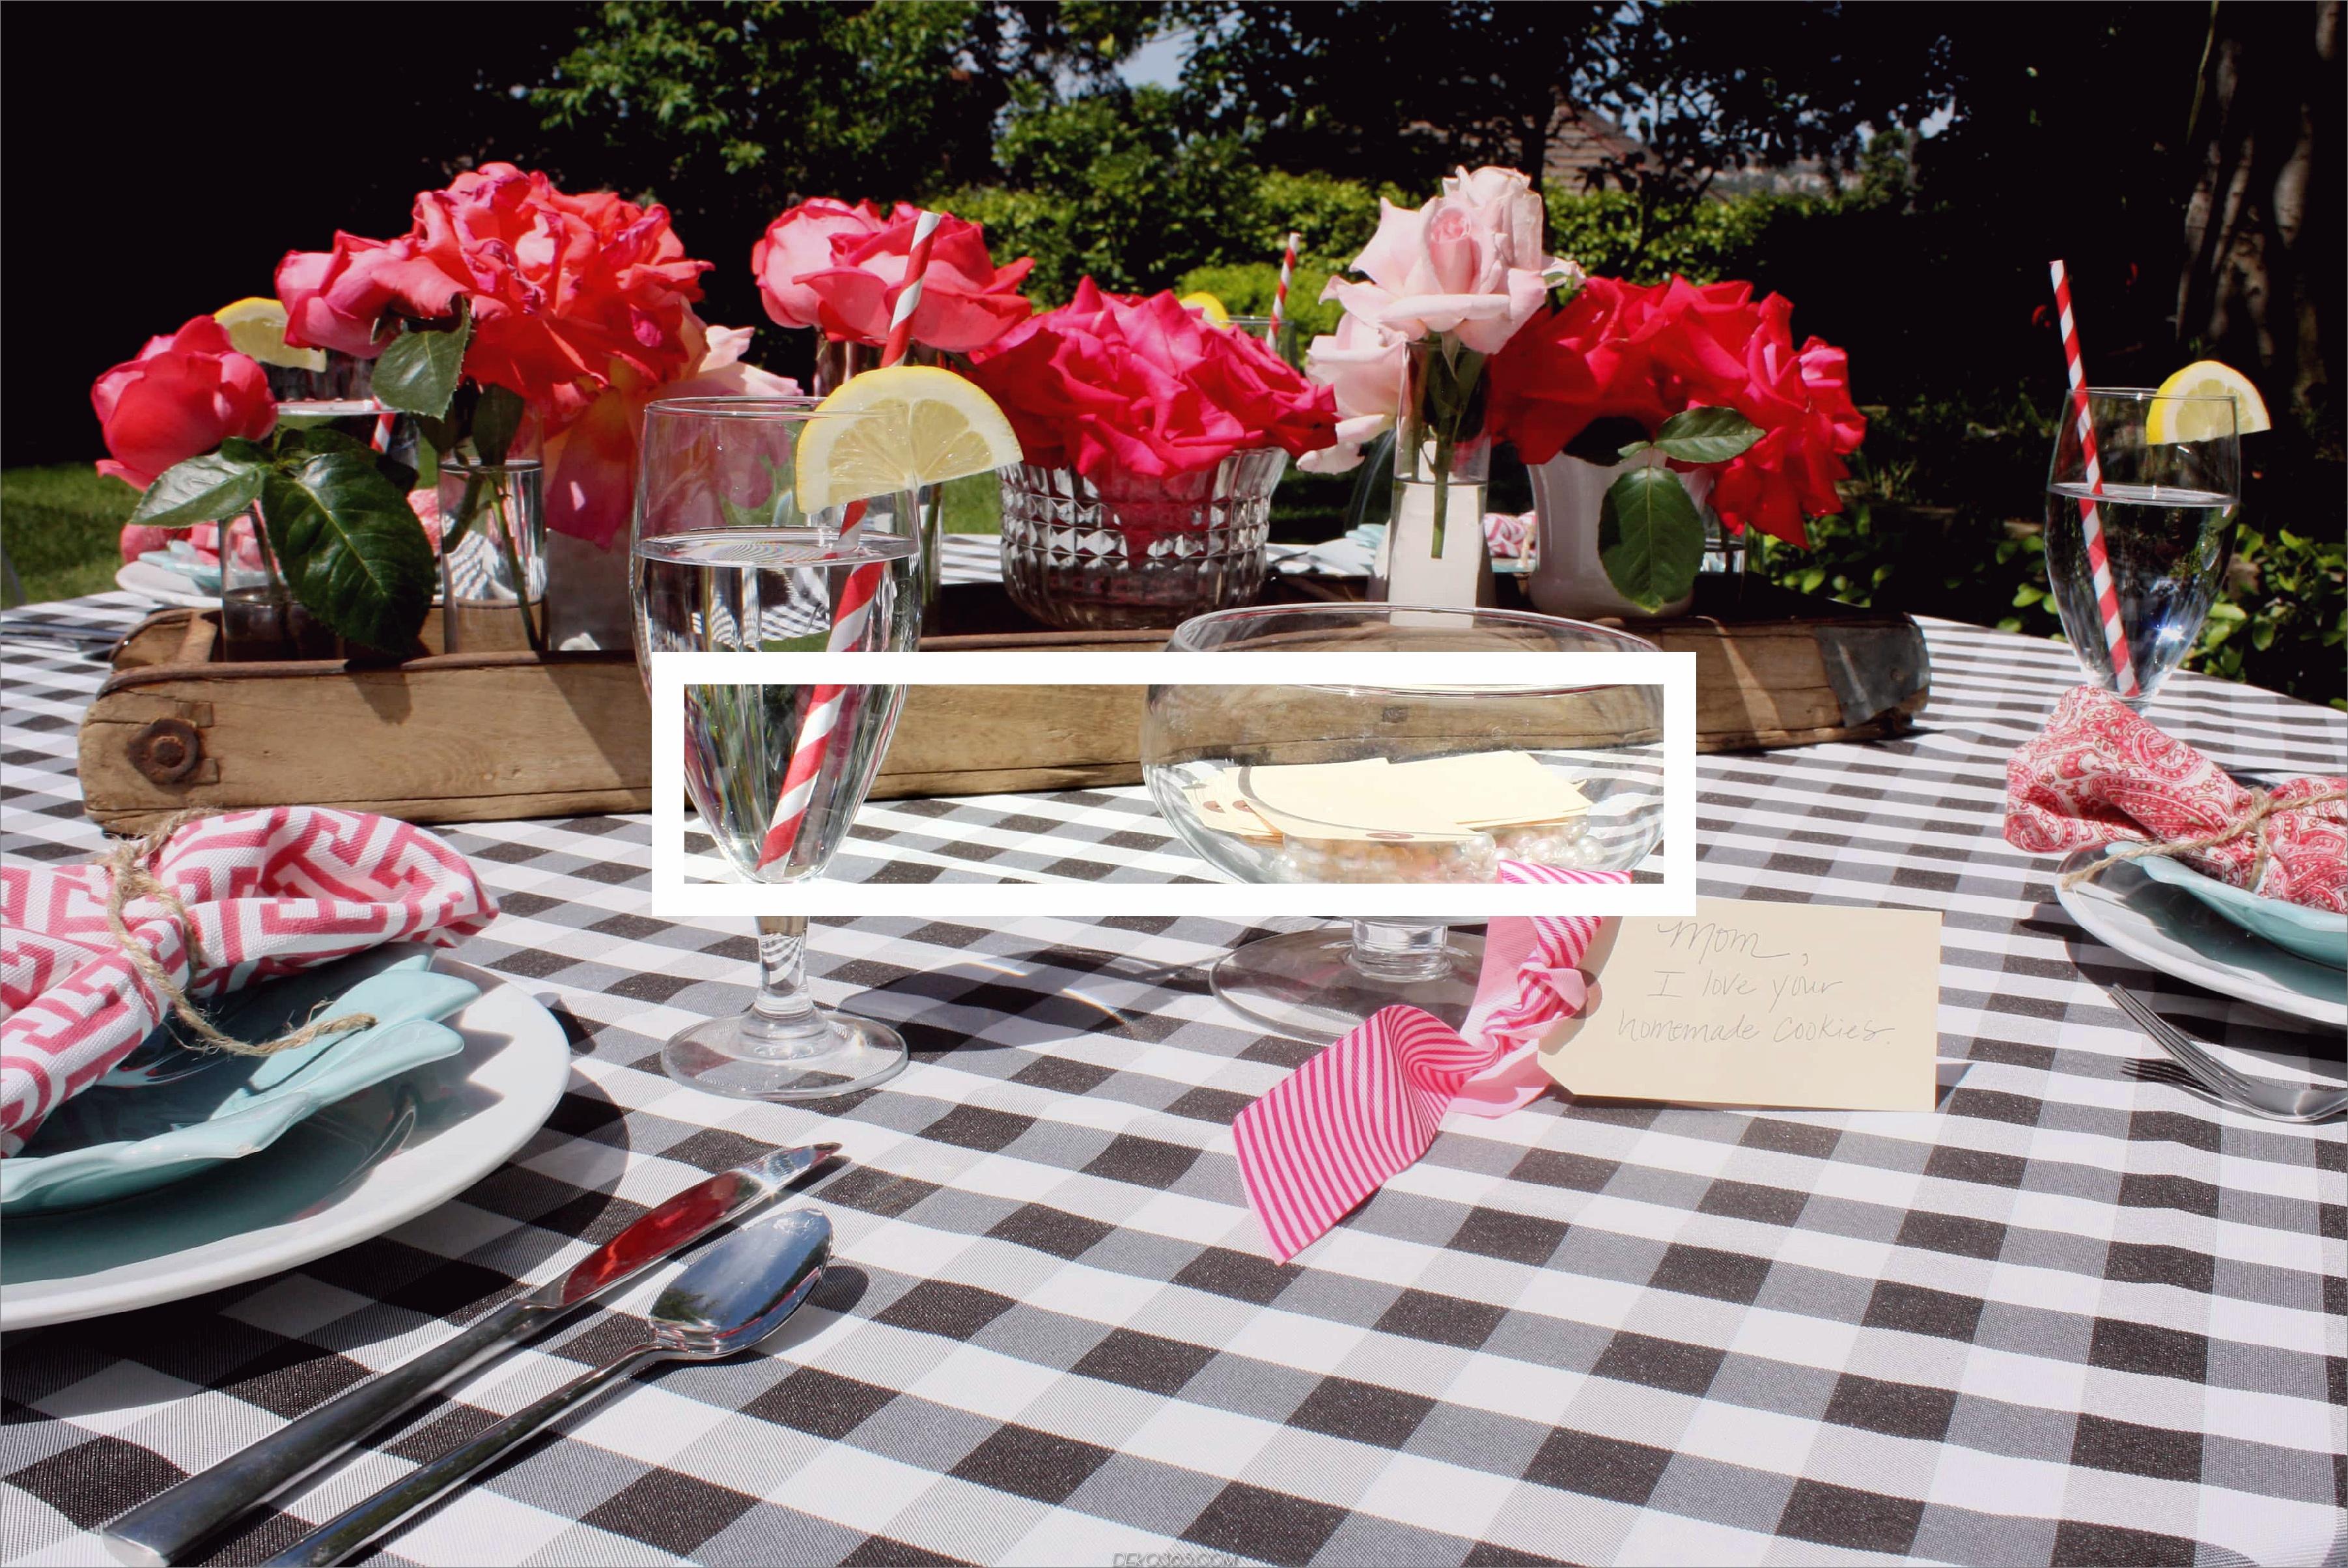 Muster Muttertag Tisch Muttertag Tisch Dekor Inspiration